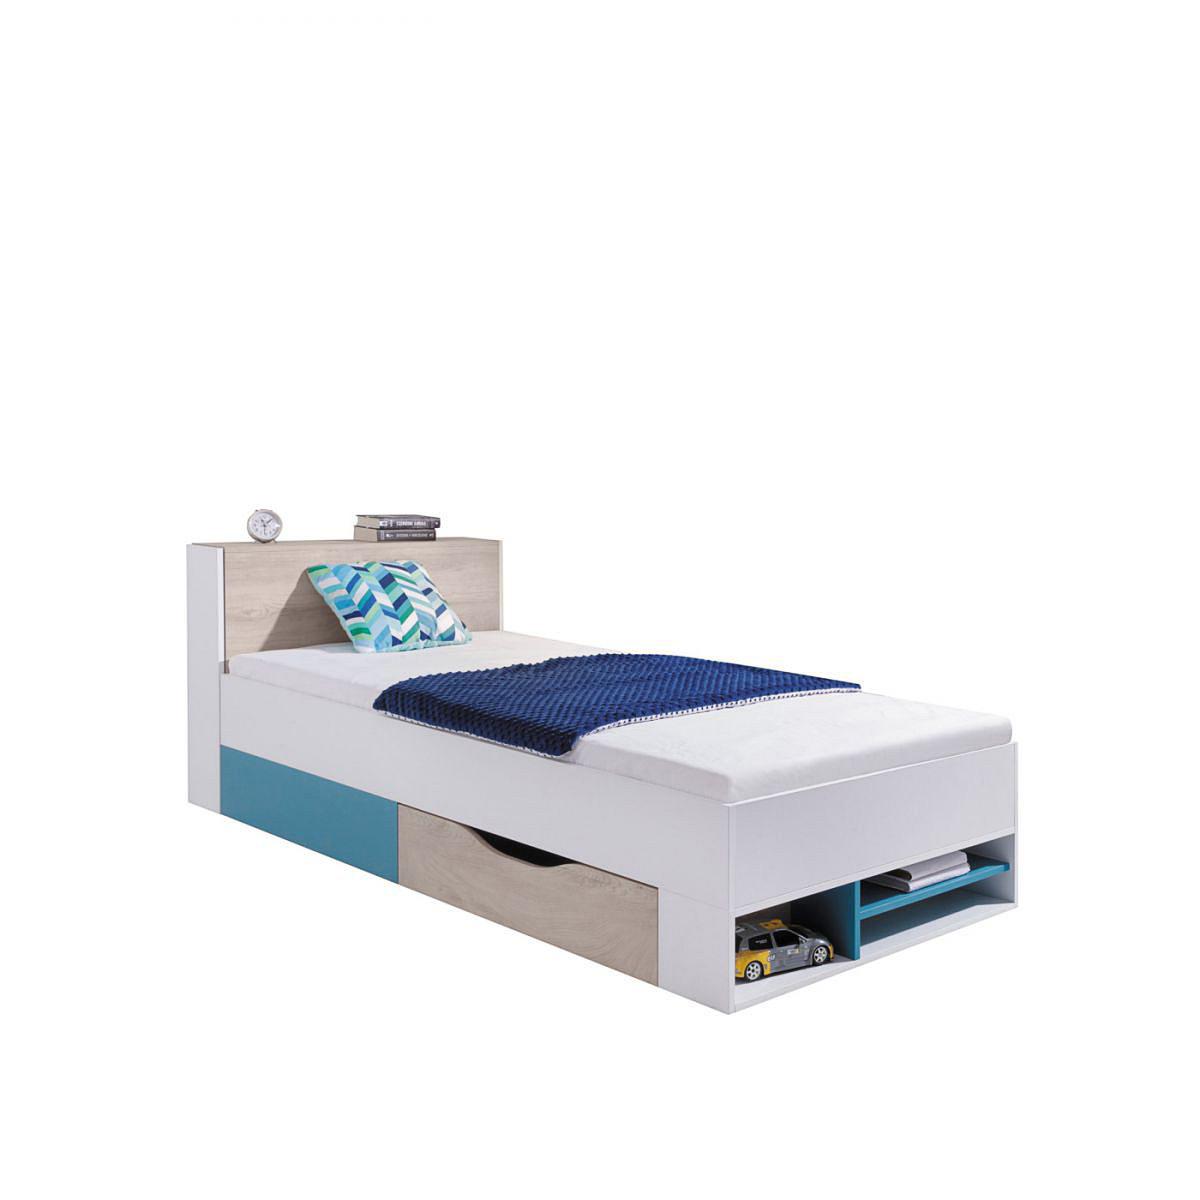 Pl14 Planet łóżko Jednoosobowe Marmex